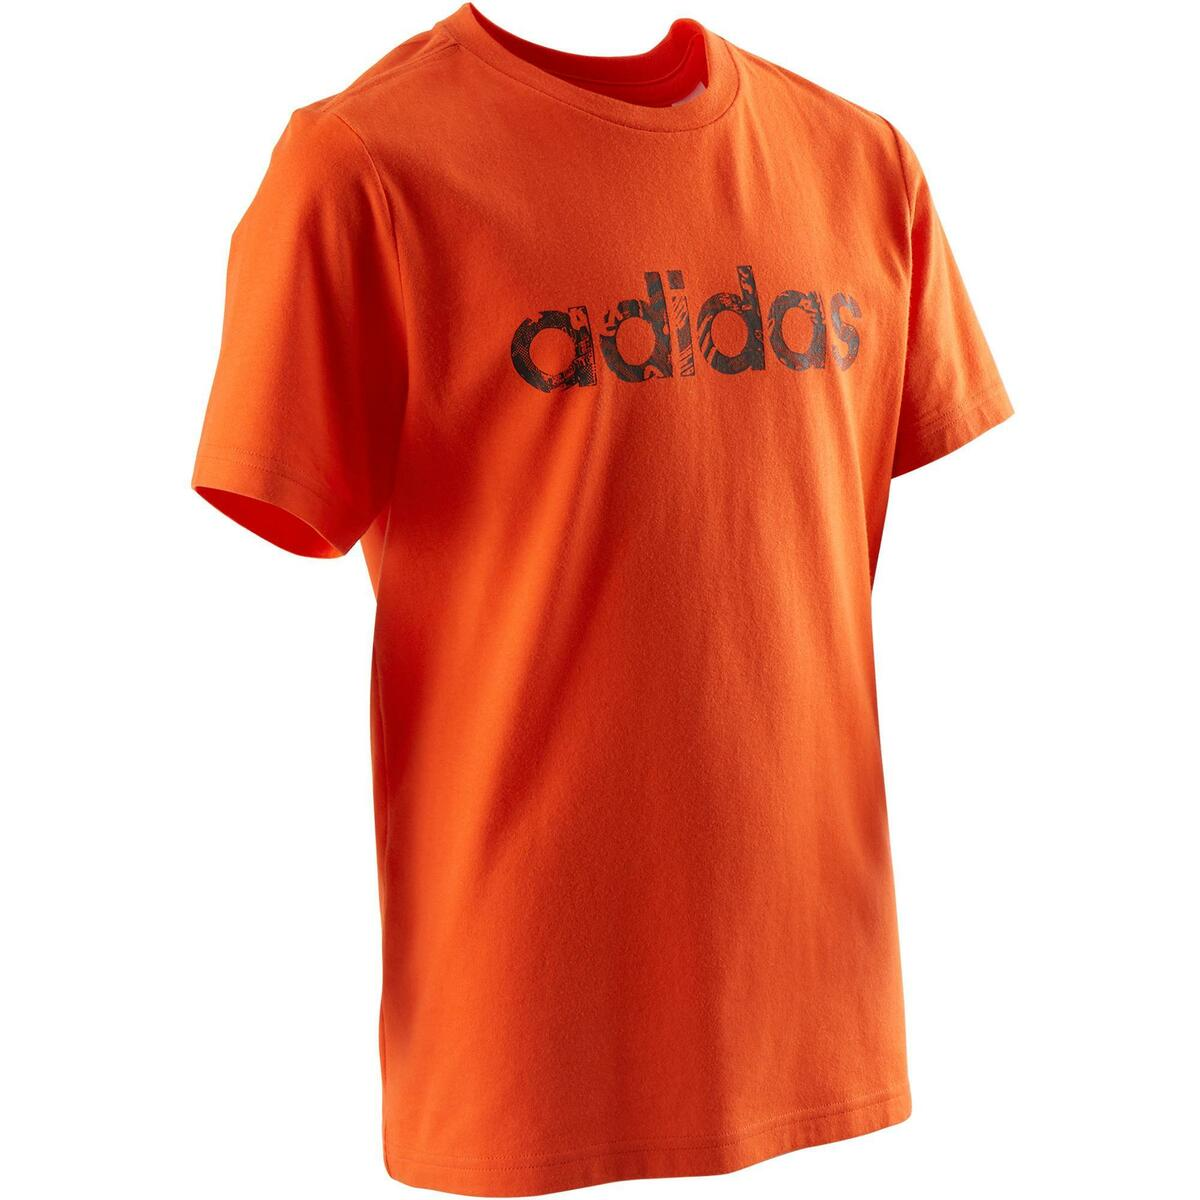 Bild 1 von T-Shirt Fitness Kinder orange